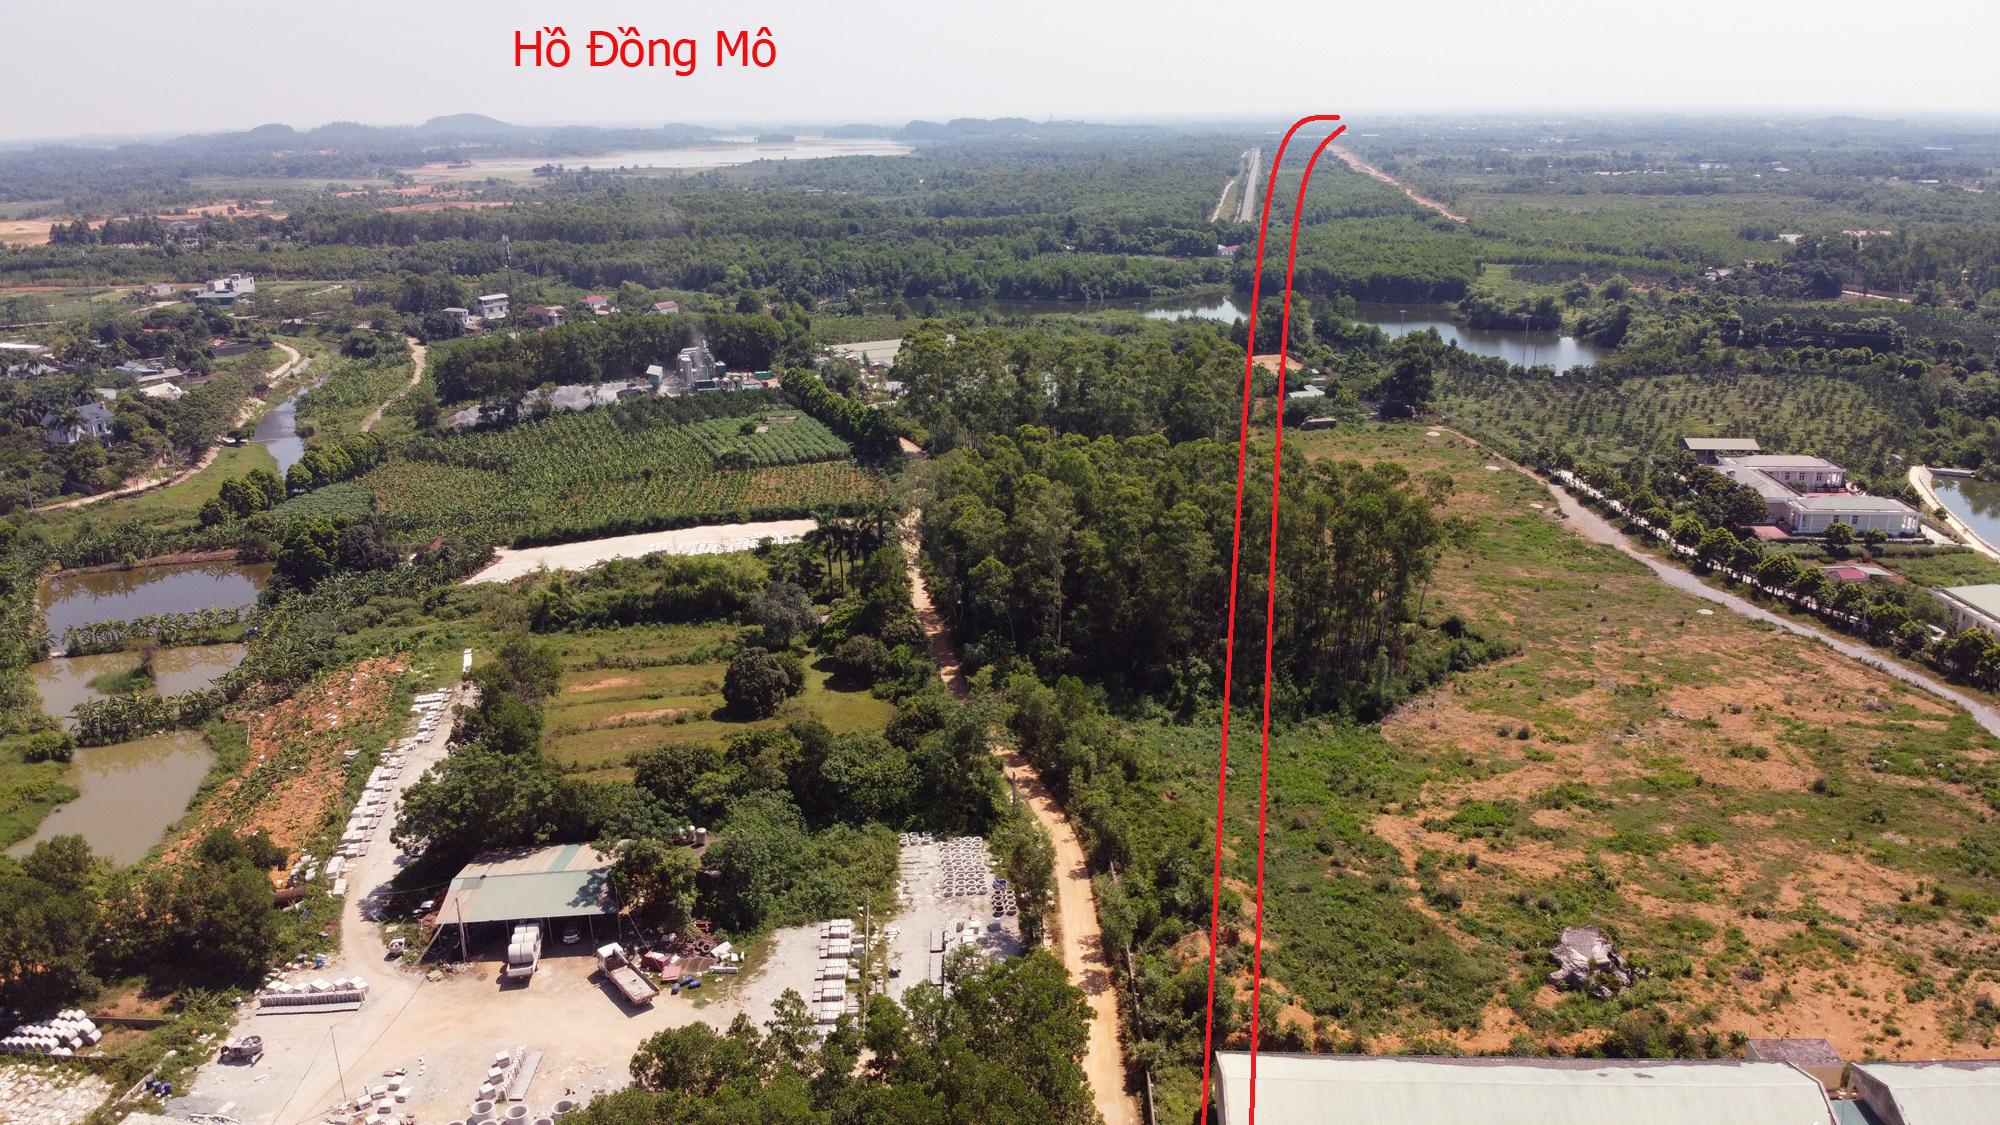 Trục đường Hồ Tây - Ba Vì qua Hòa Lạc sẽ mở theo qui hoạch: Toàn cảnh đoạn Vành đai 4 đến đường Hòa Lạc - Hòa Bình - Ảnh 20.